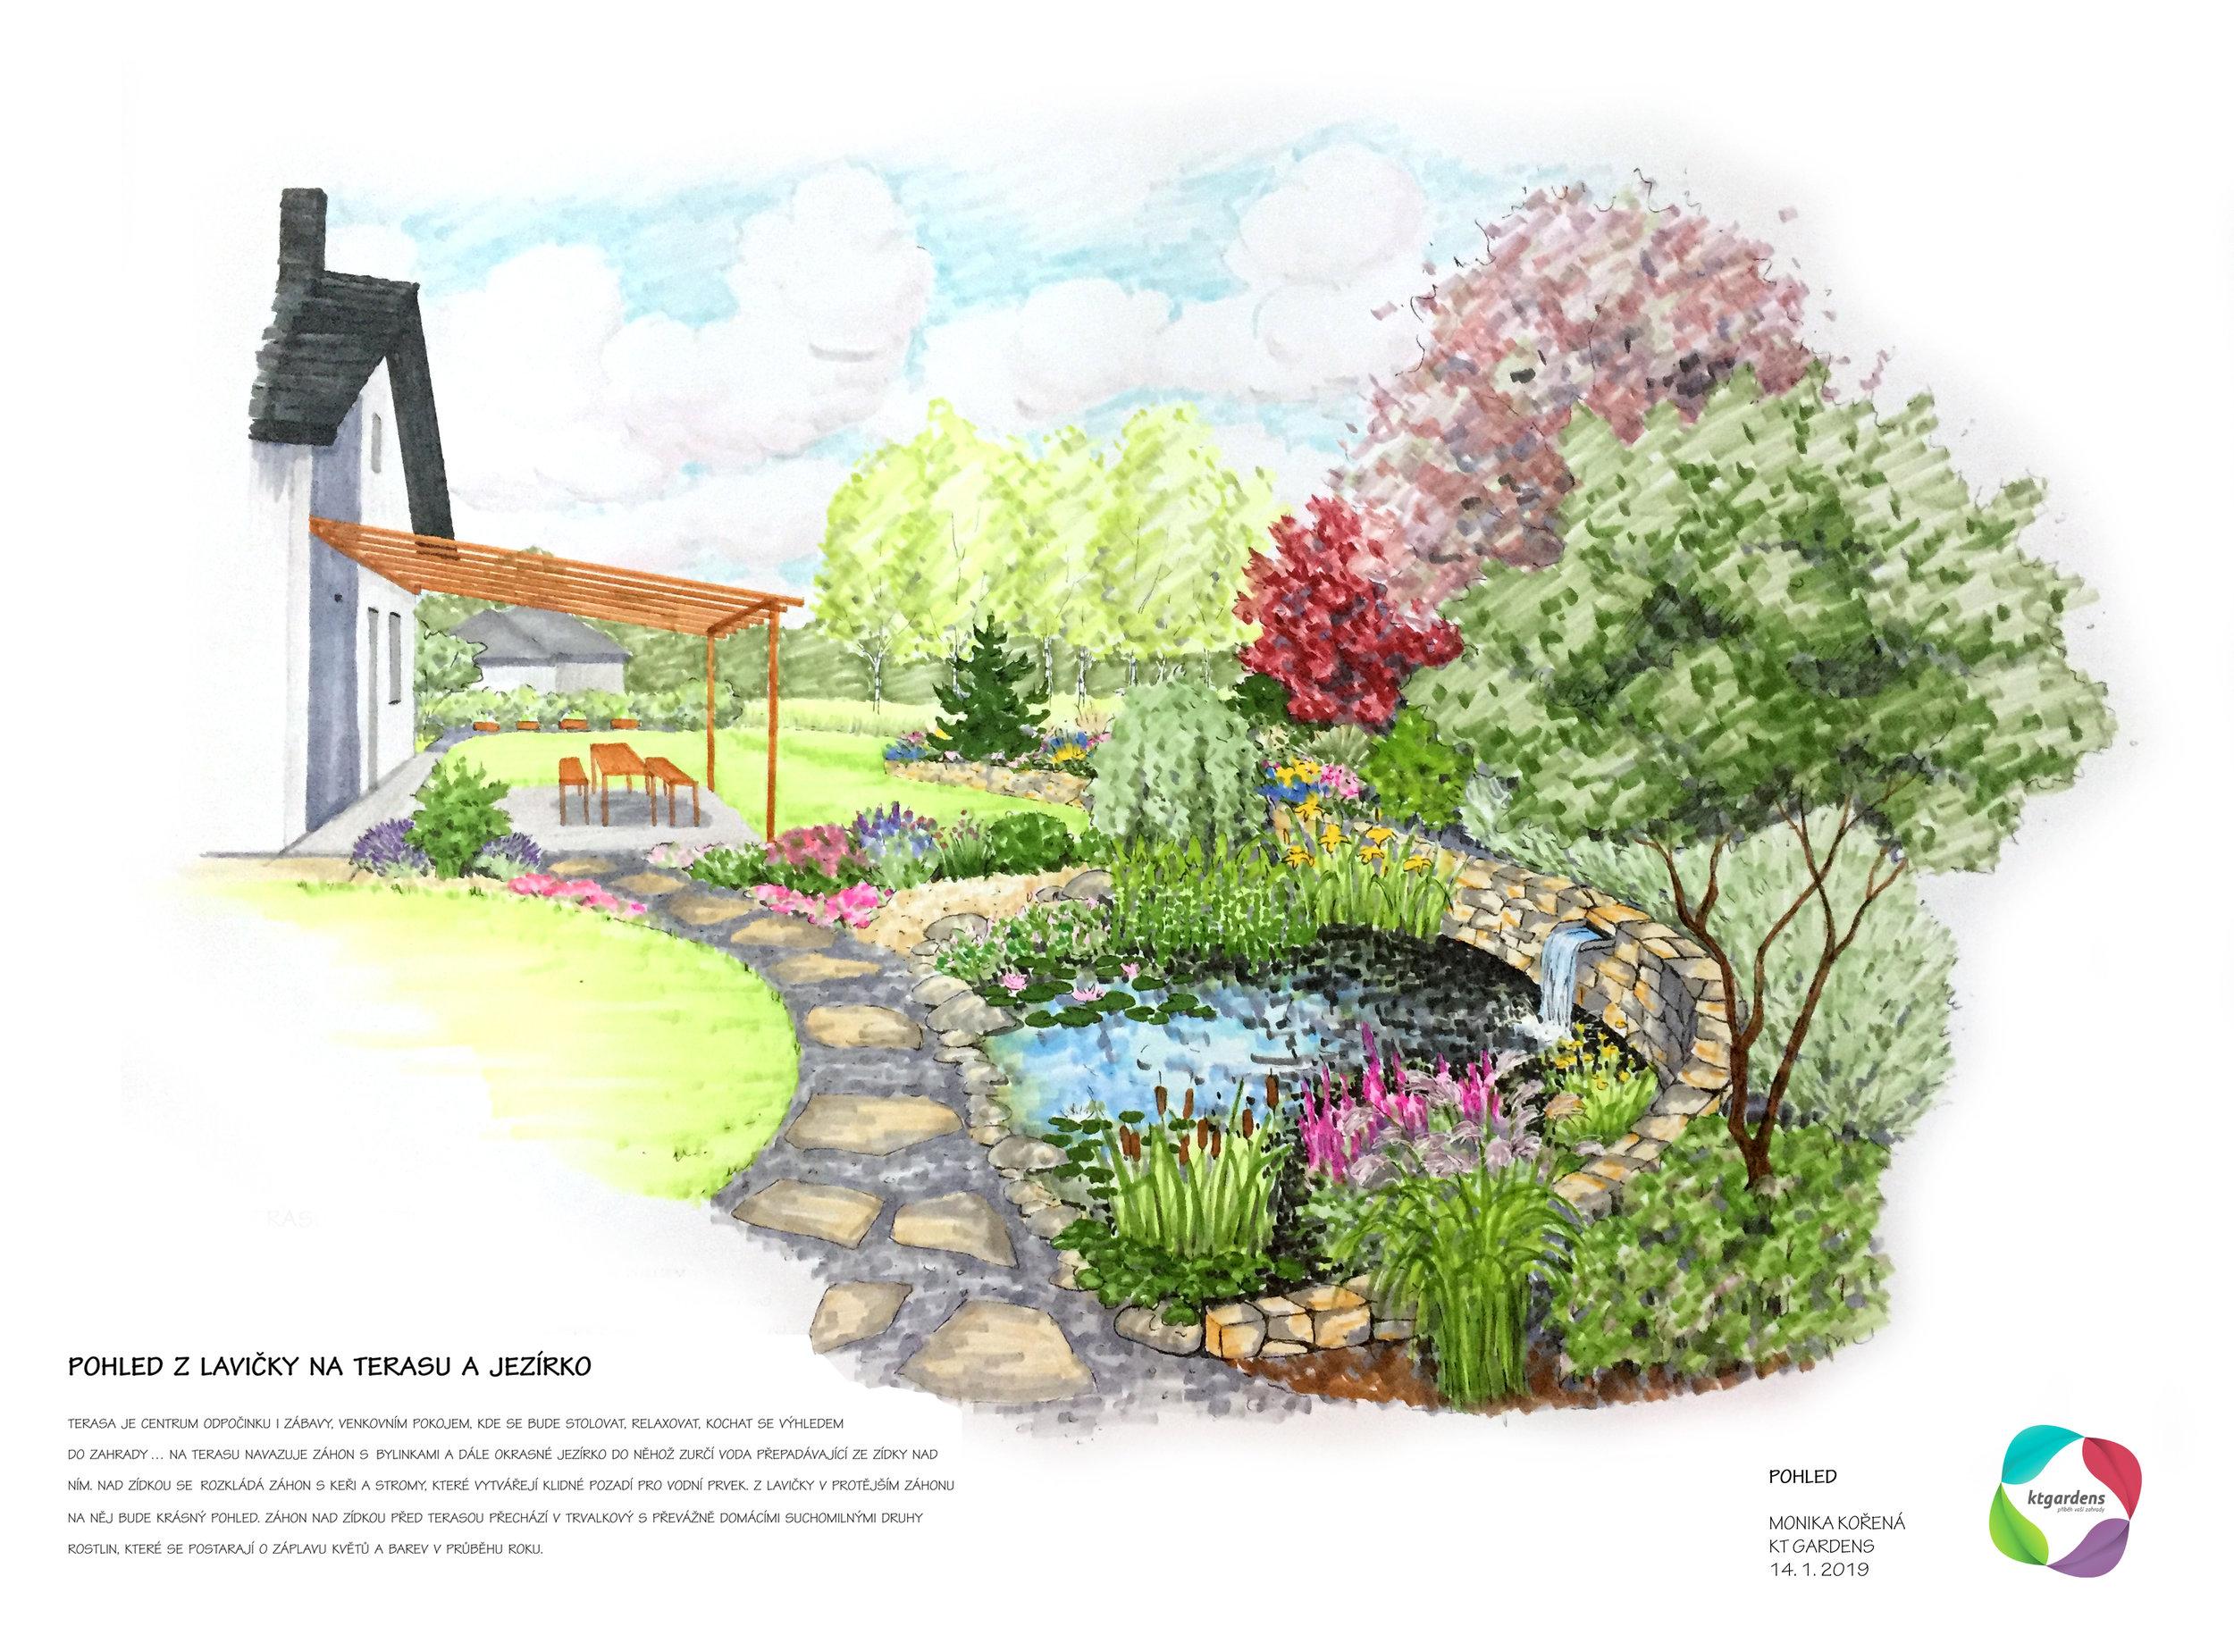 Návrh zahrady v Závišicích, venkovská zahrada, přírodní zahrada, zahrada pro včelaře, jezírko, KTgardens